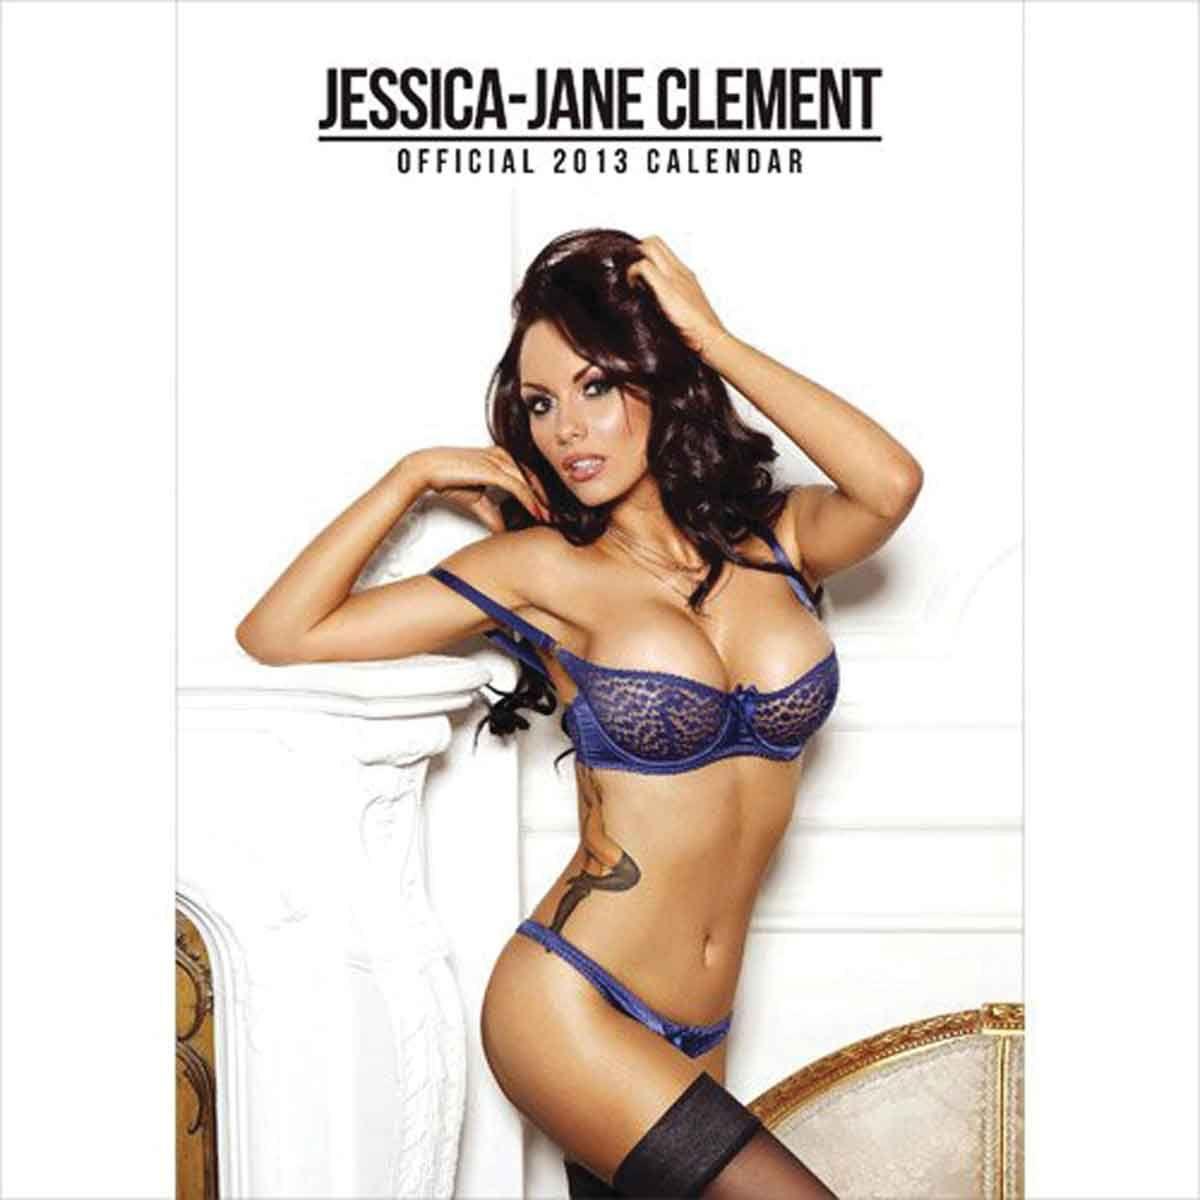 Jessica jane clement arsch